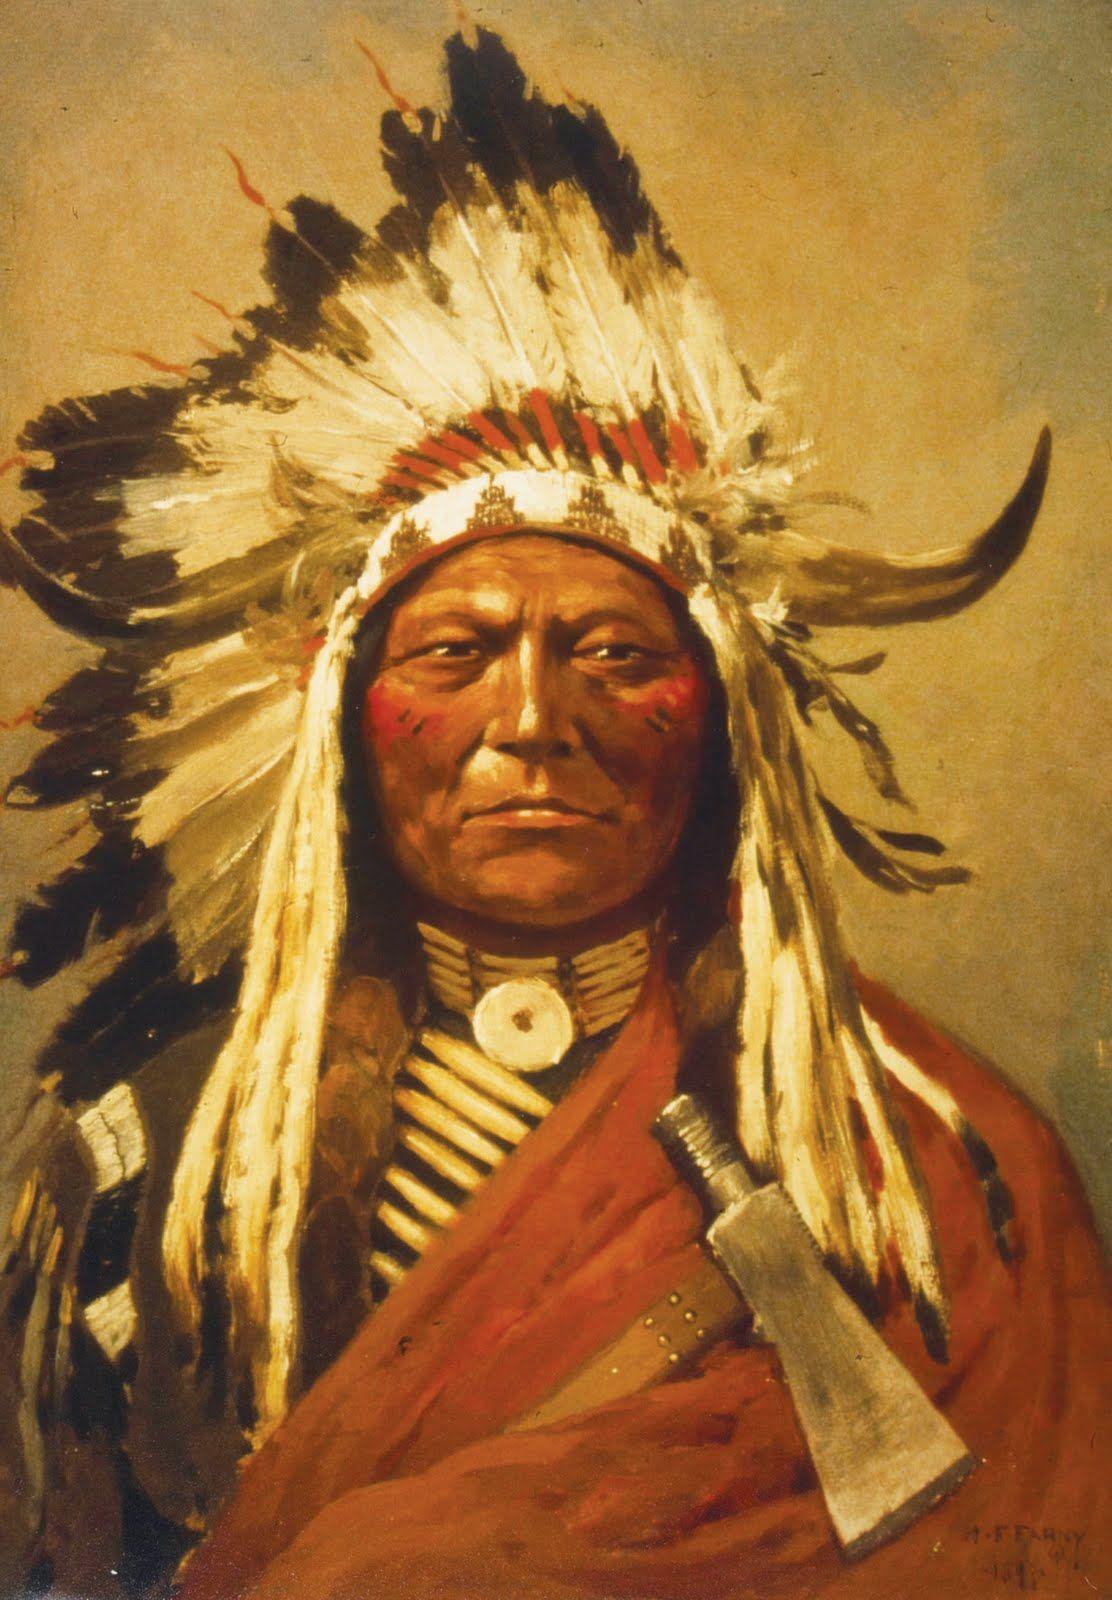 indios pieles rojas vestimenta - Buscar con Google